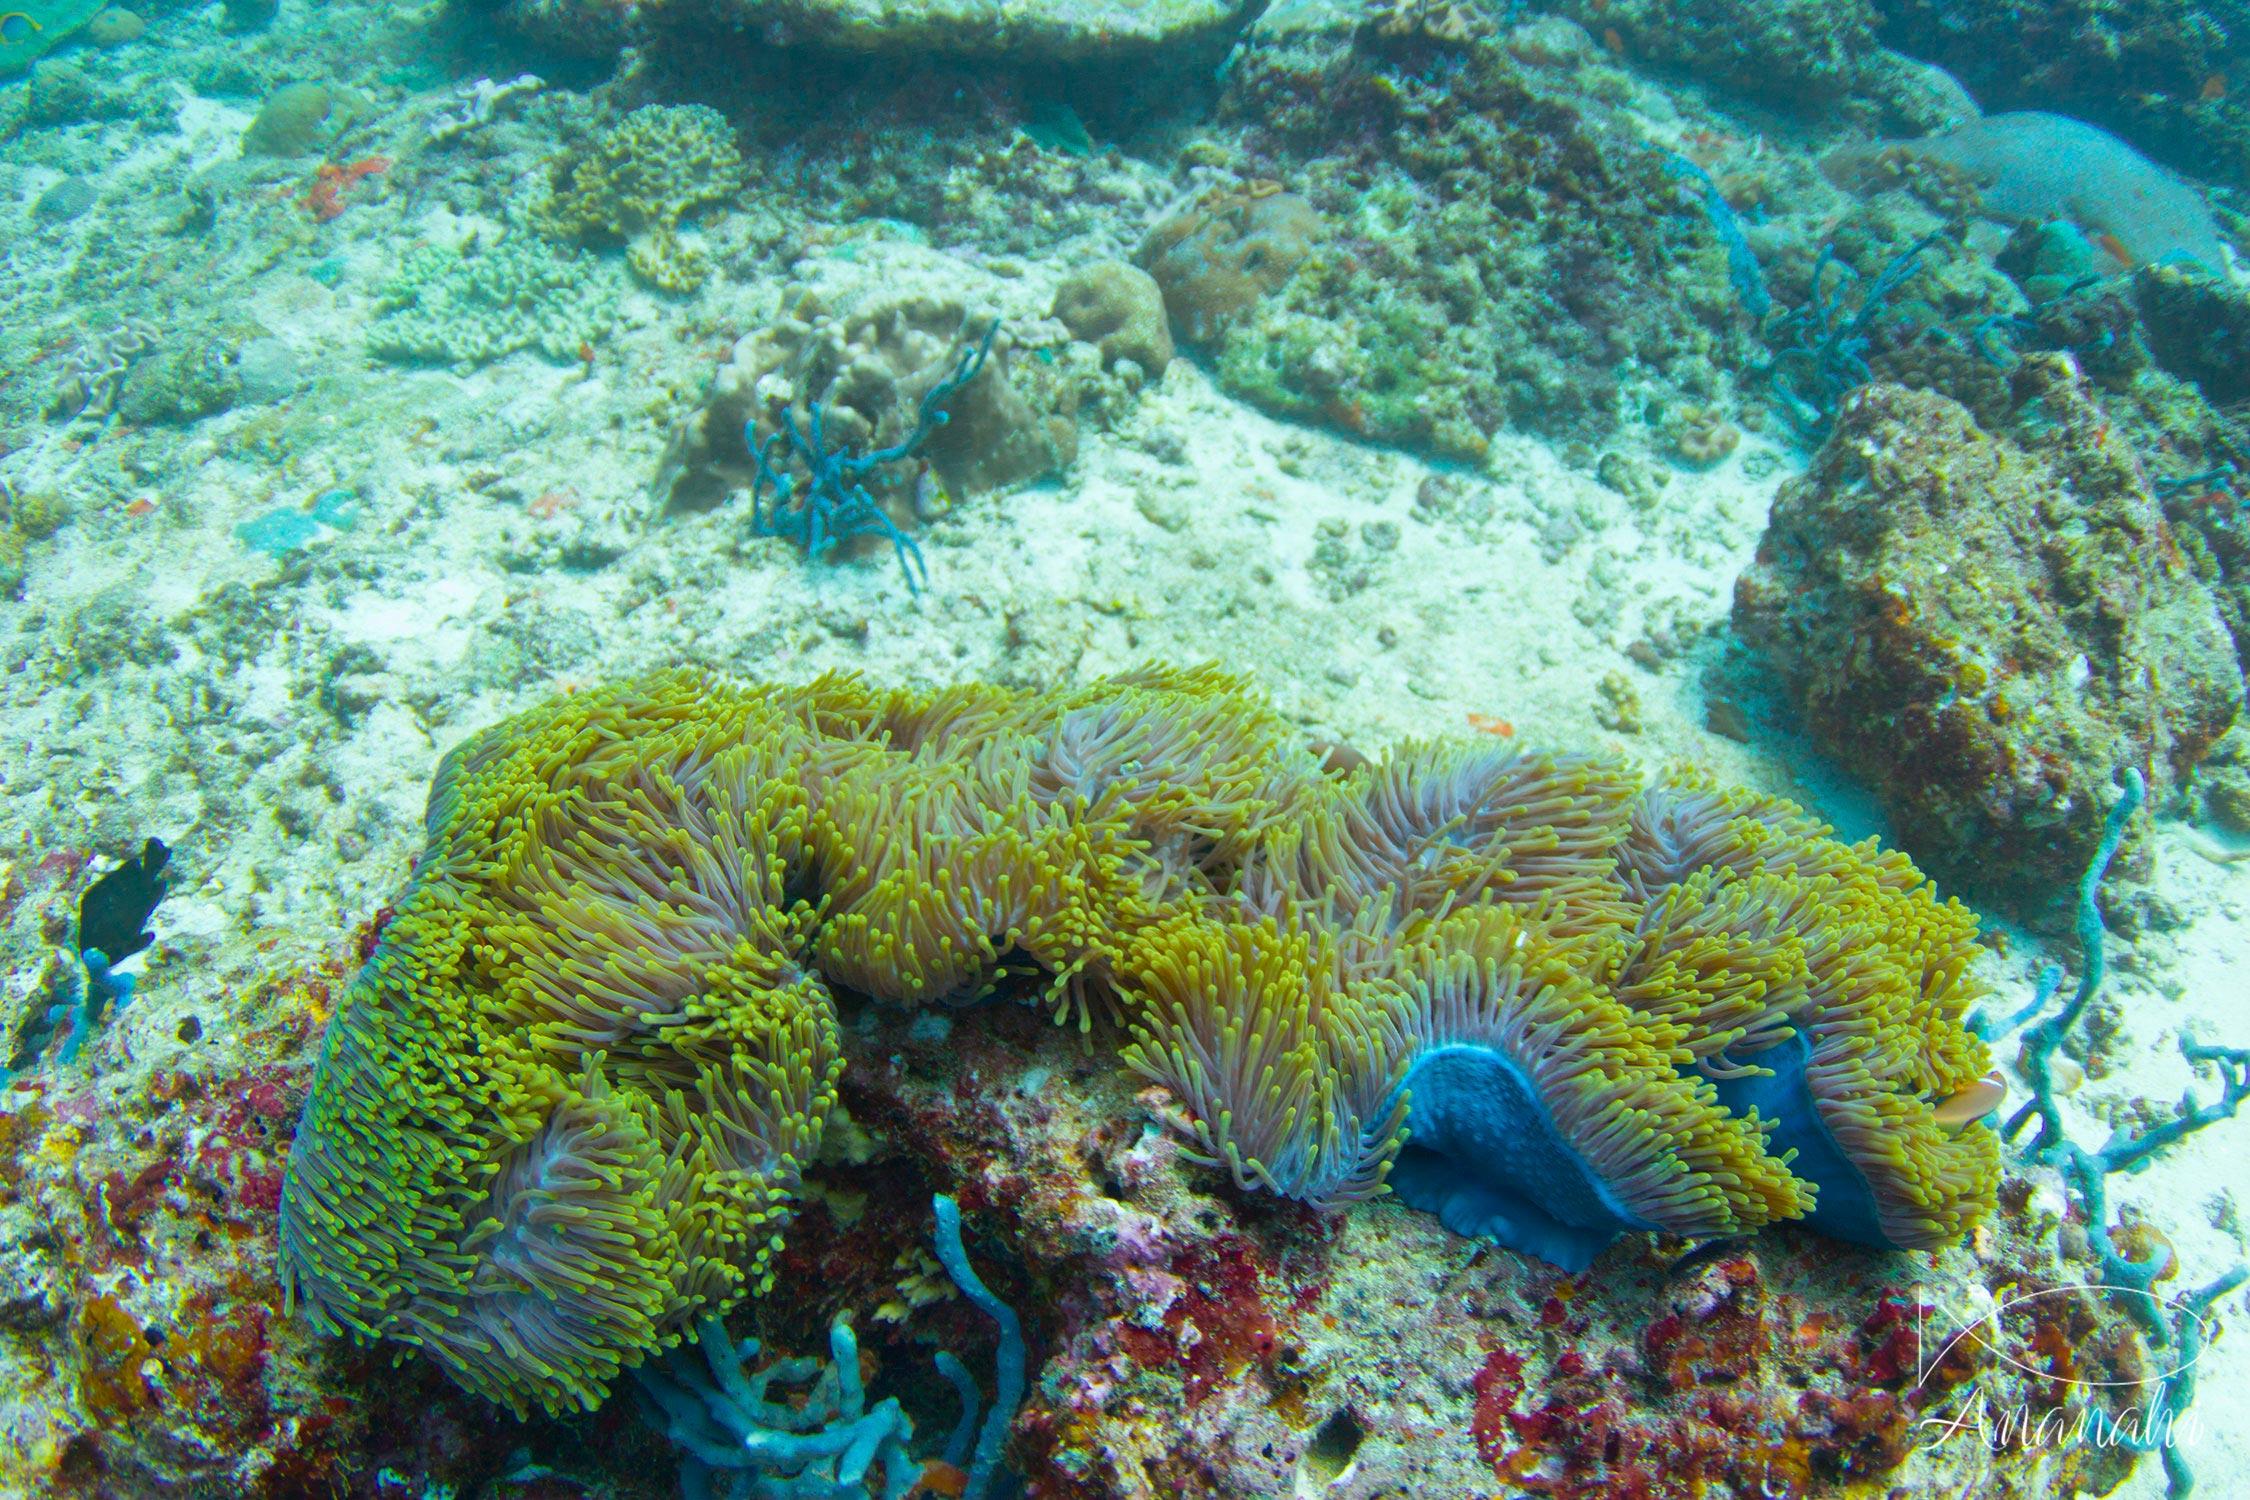 Magnificent sea anemone of Maldives